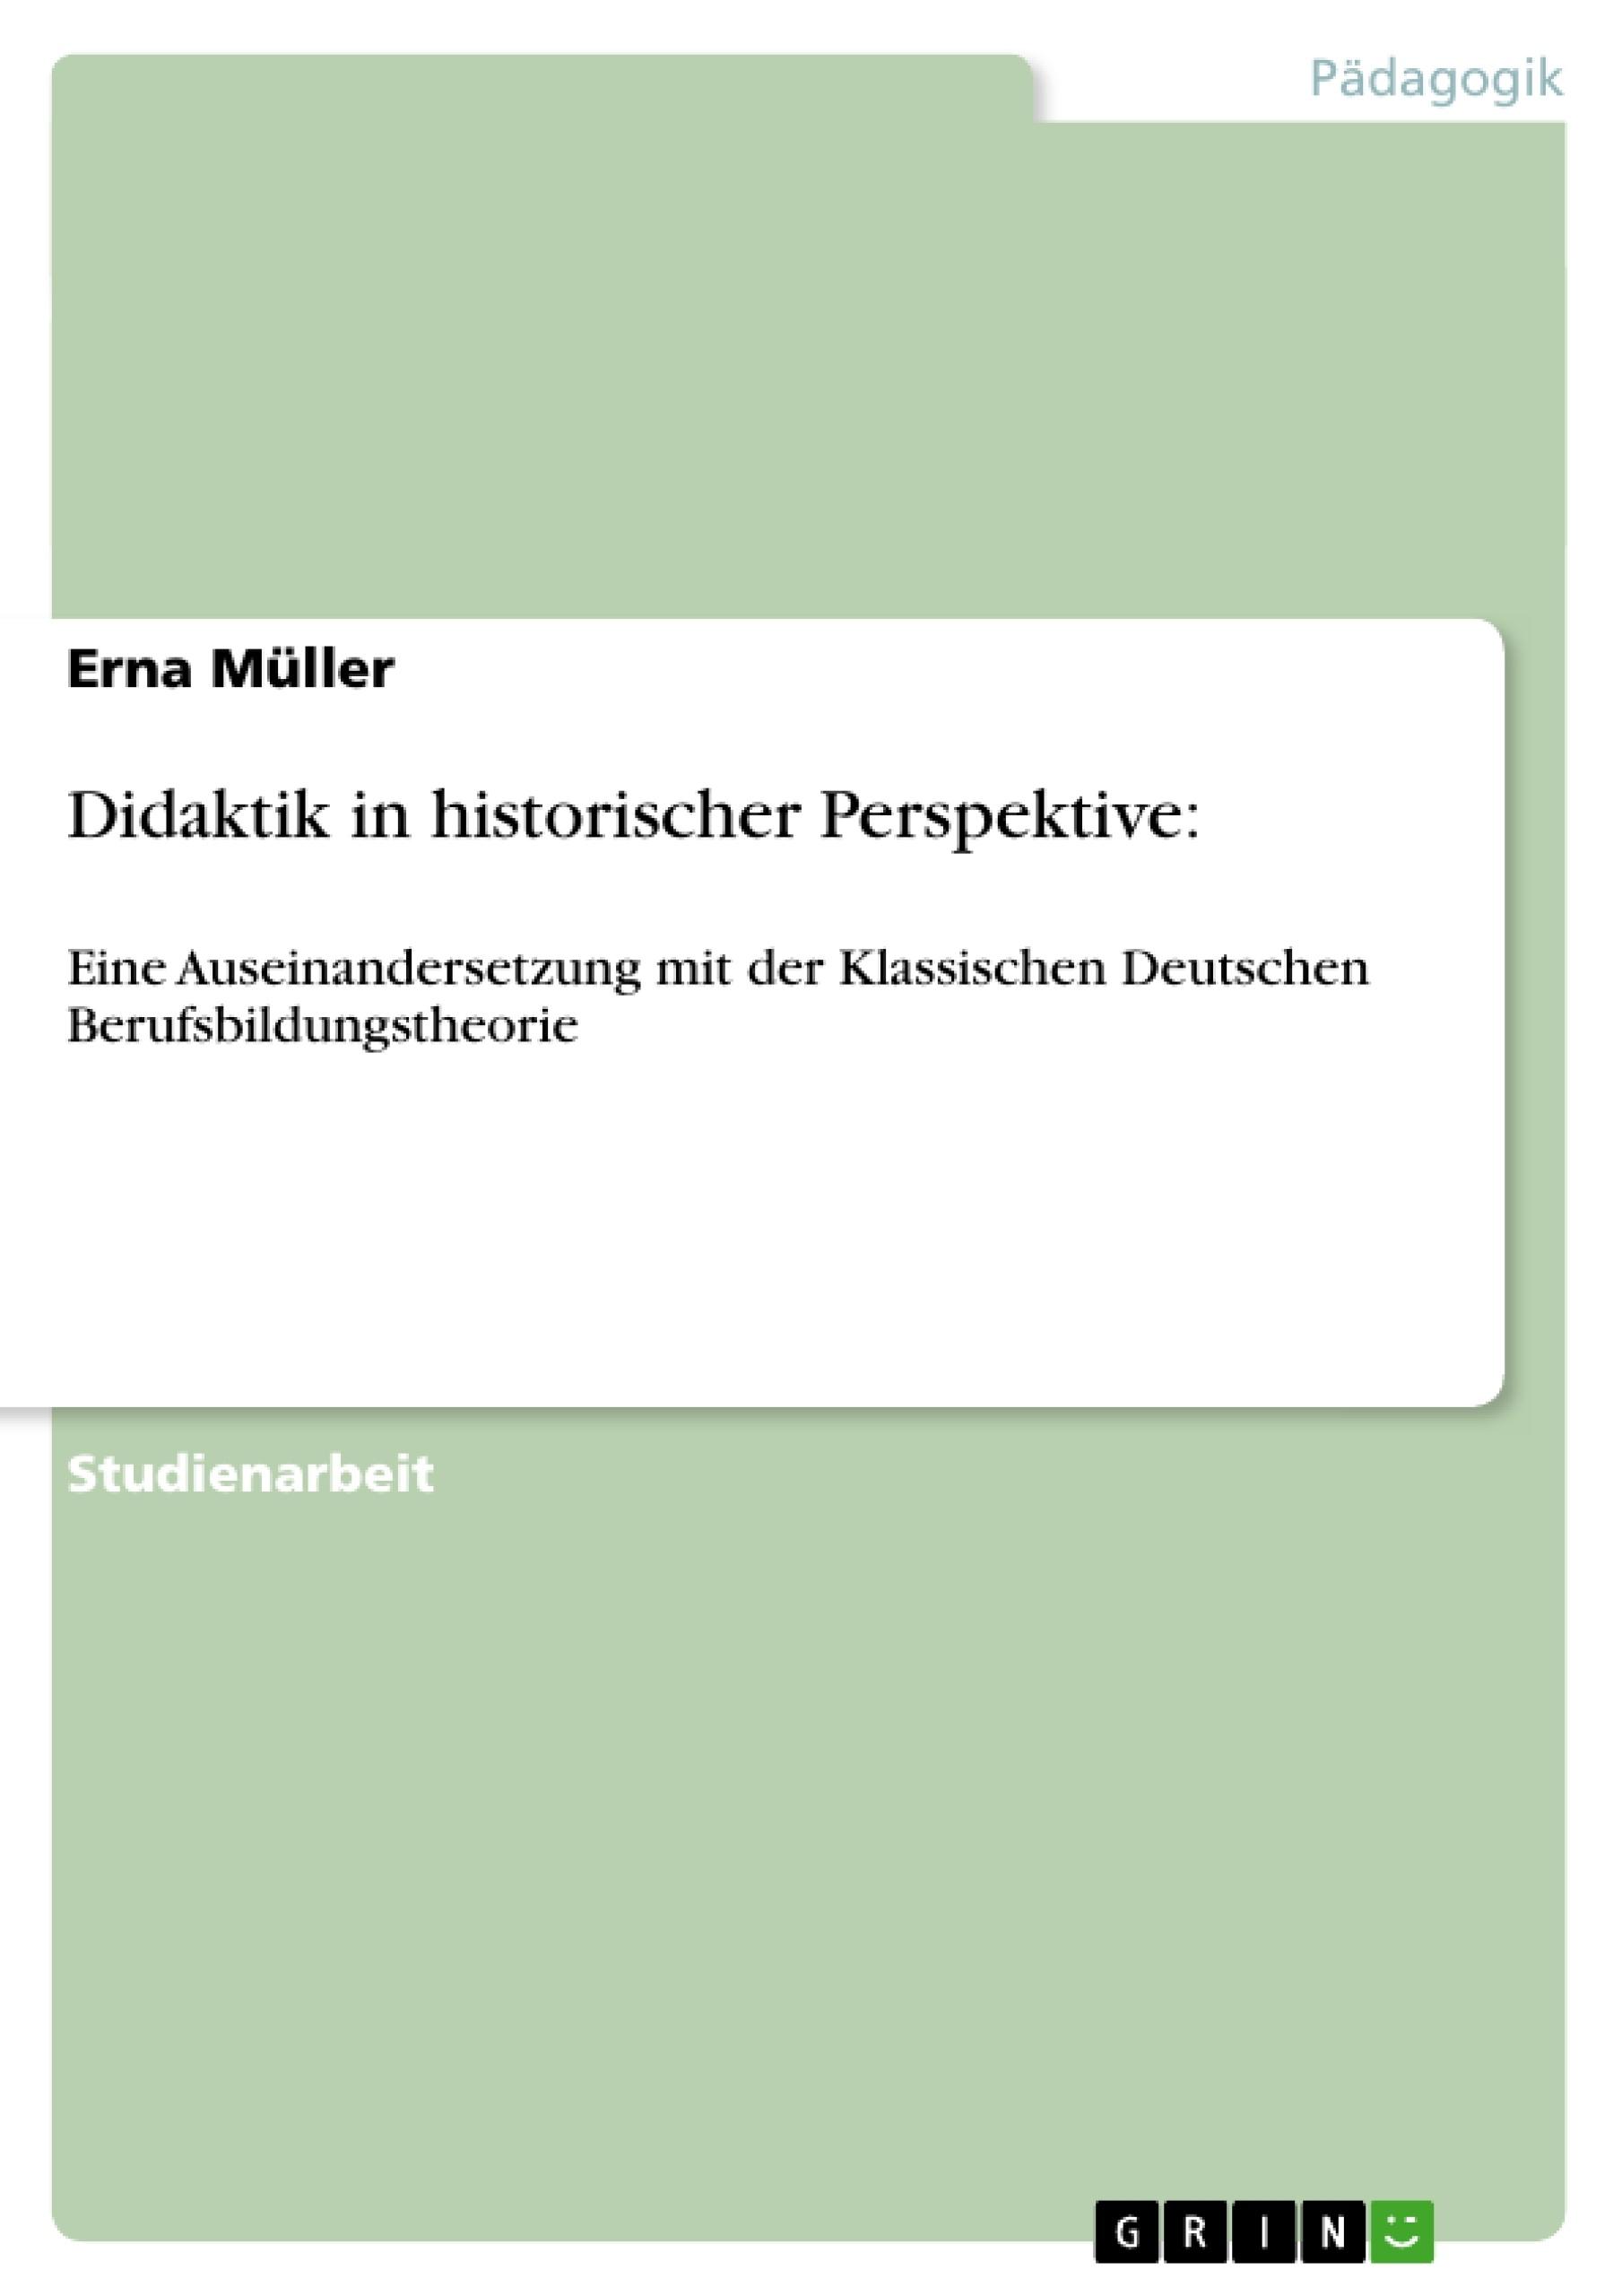 Titel: Didaktik in historischer Perspektive: